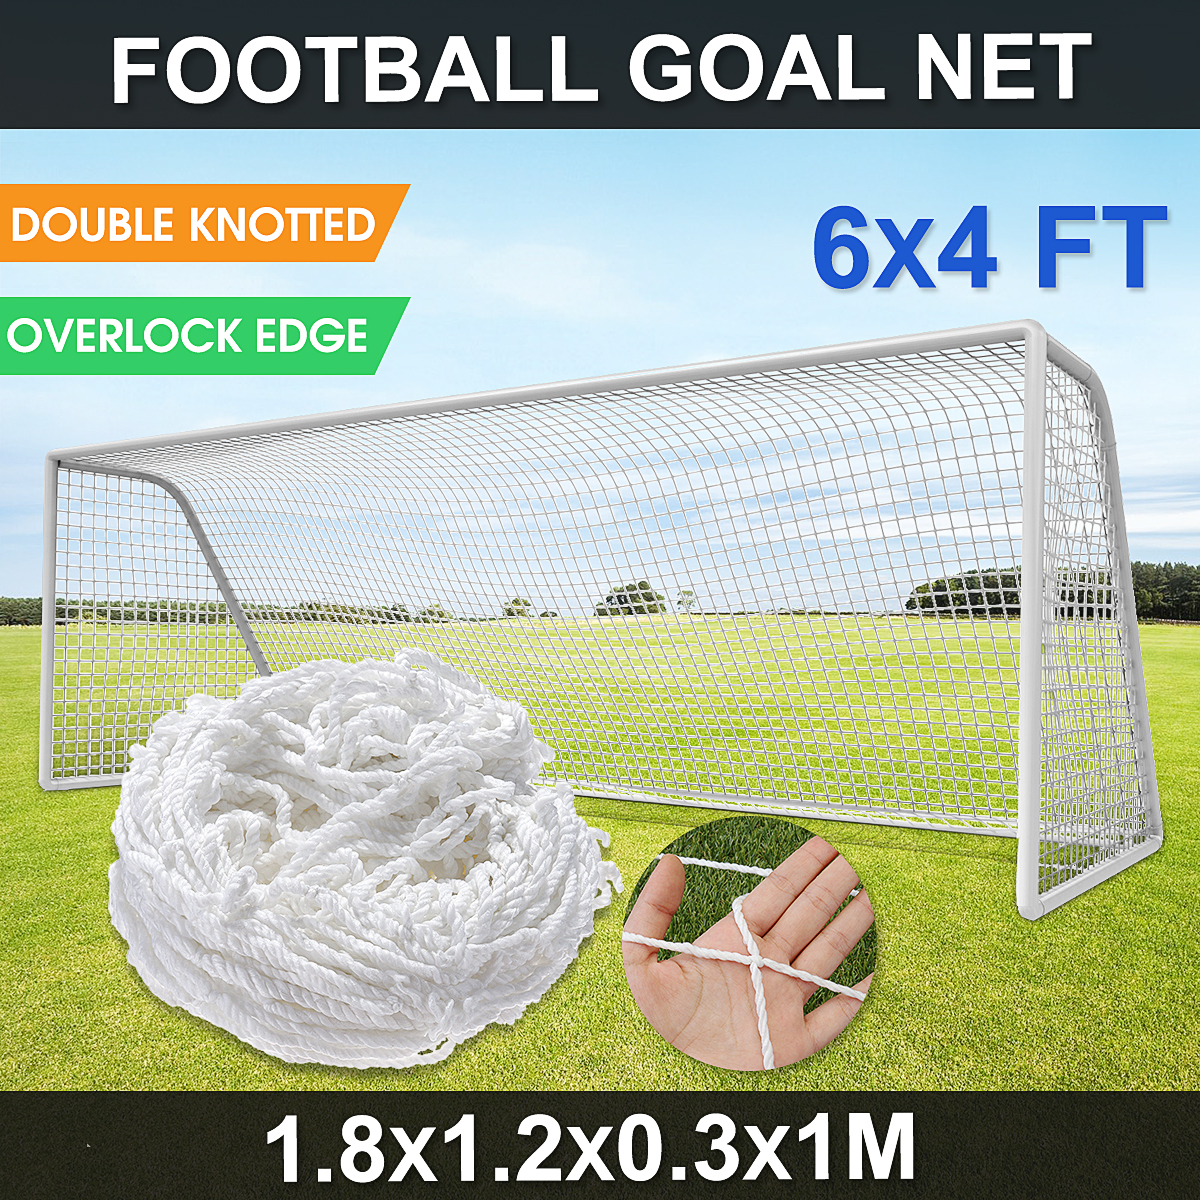 6x4 FT Full Size Formazione Partita di Calcio di Calcio Goal Post Net Per Gli Sport All'aria Aperta Bianco Polipropilene Ad Alto Impatto overlock-Bordo